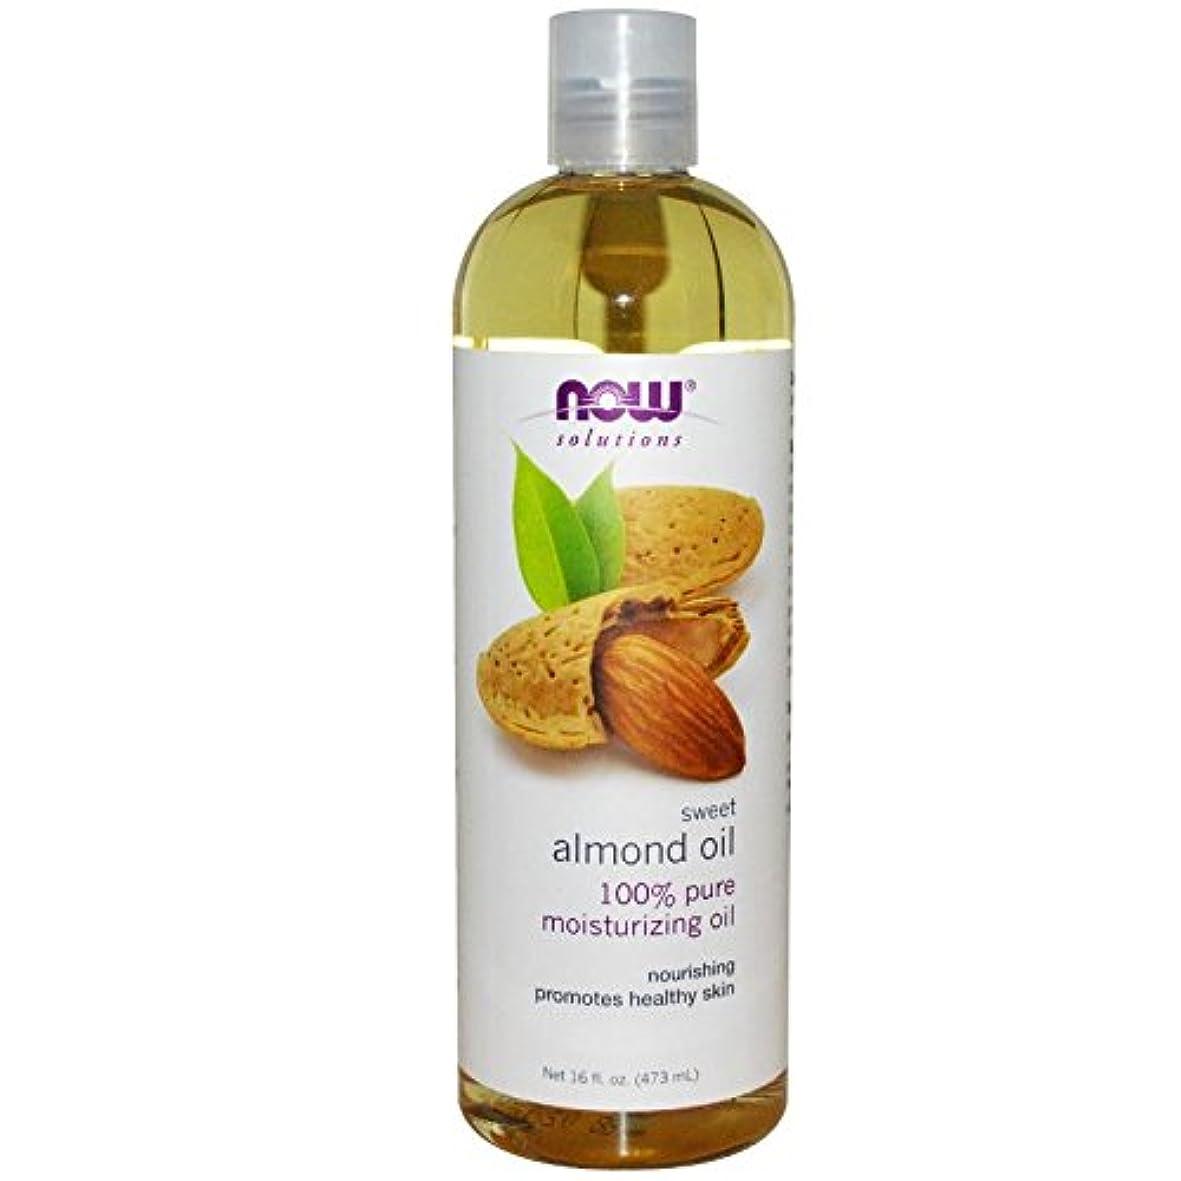 アーサーコナンドイルを除く憲法【国内発送】 Now Solutions Sweet Almond Oil 16 oz. (473ml) [並行輸入品]